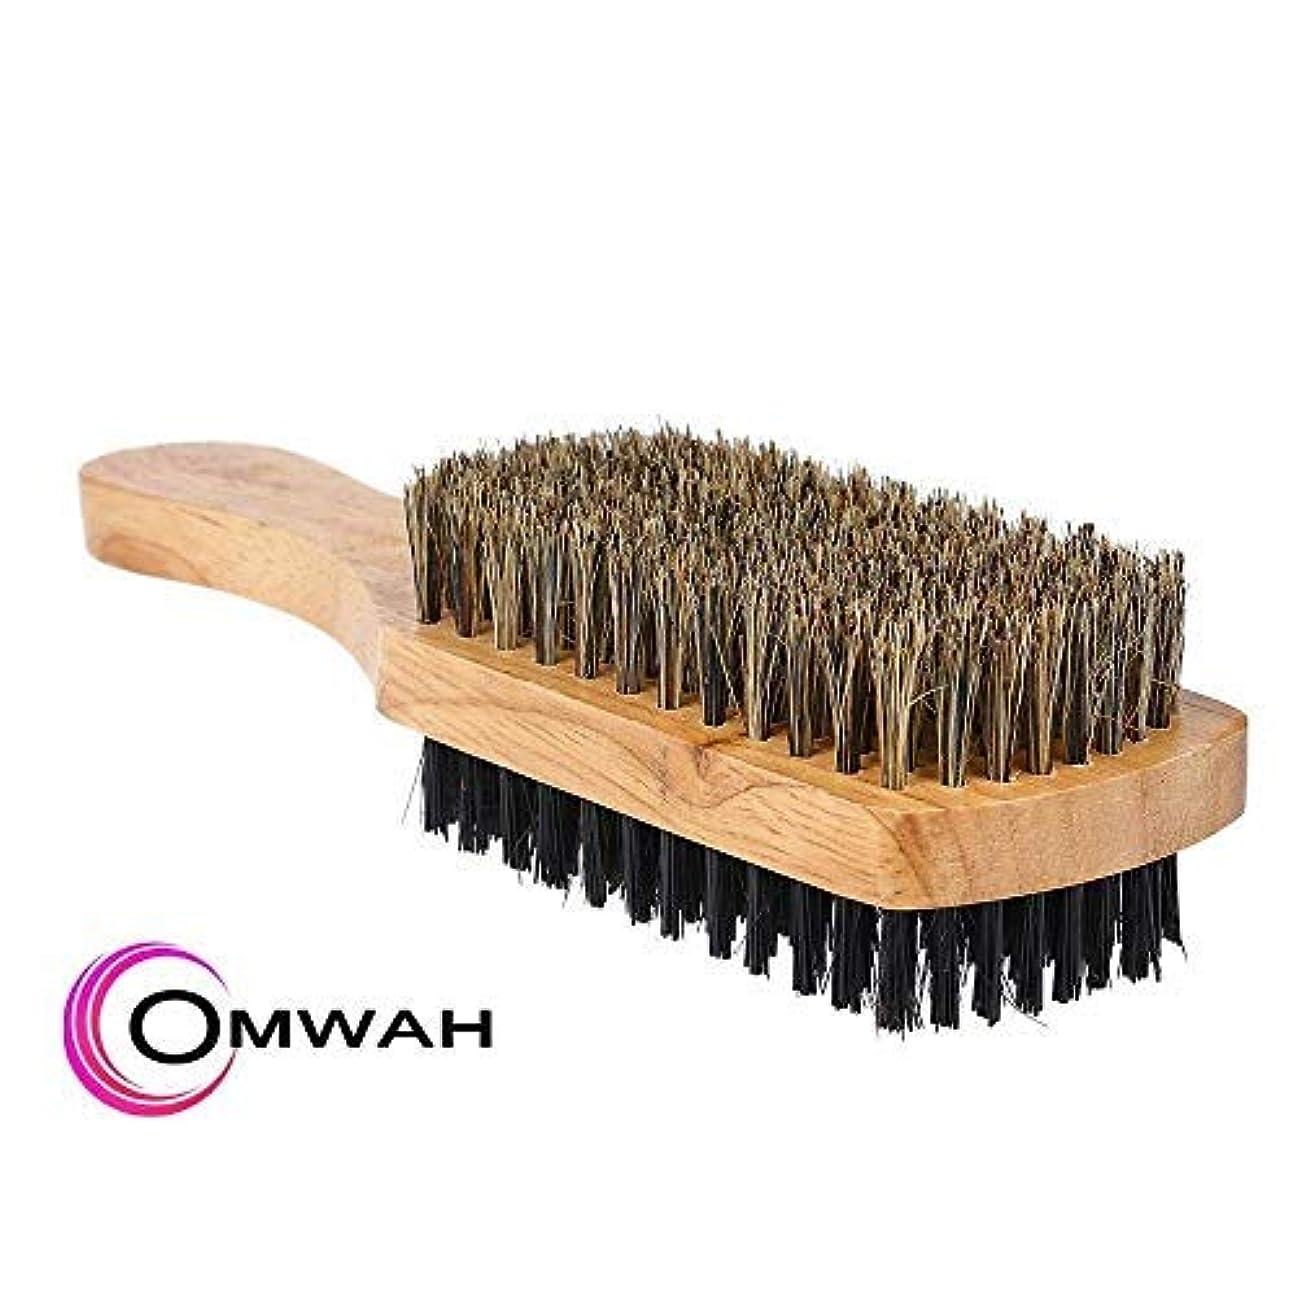 ウィンク写真を撮る荒らすOmwah Double Sided 2 Sided Facial Hairbrush Styling Beard Brush Mens Boar Bristle [並行輸入品]